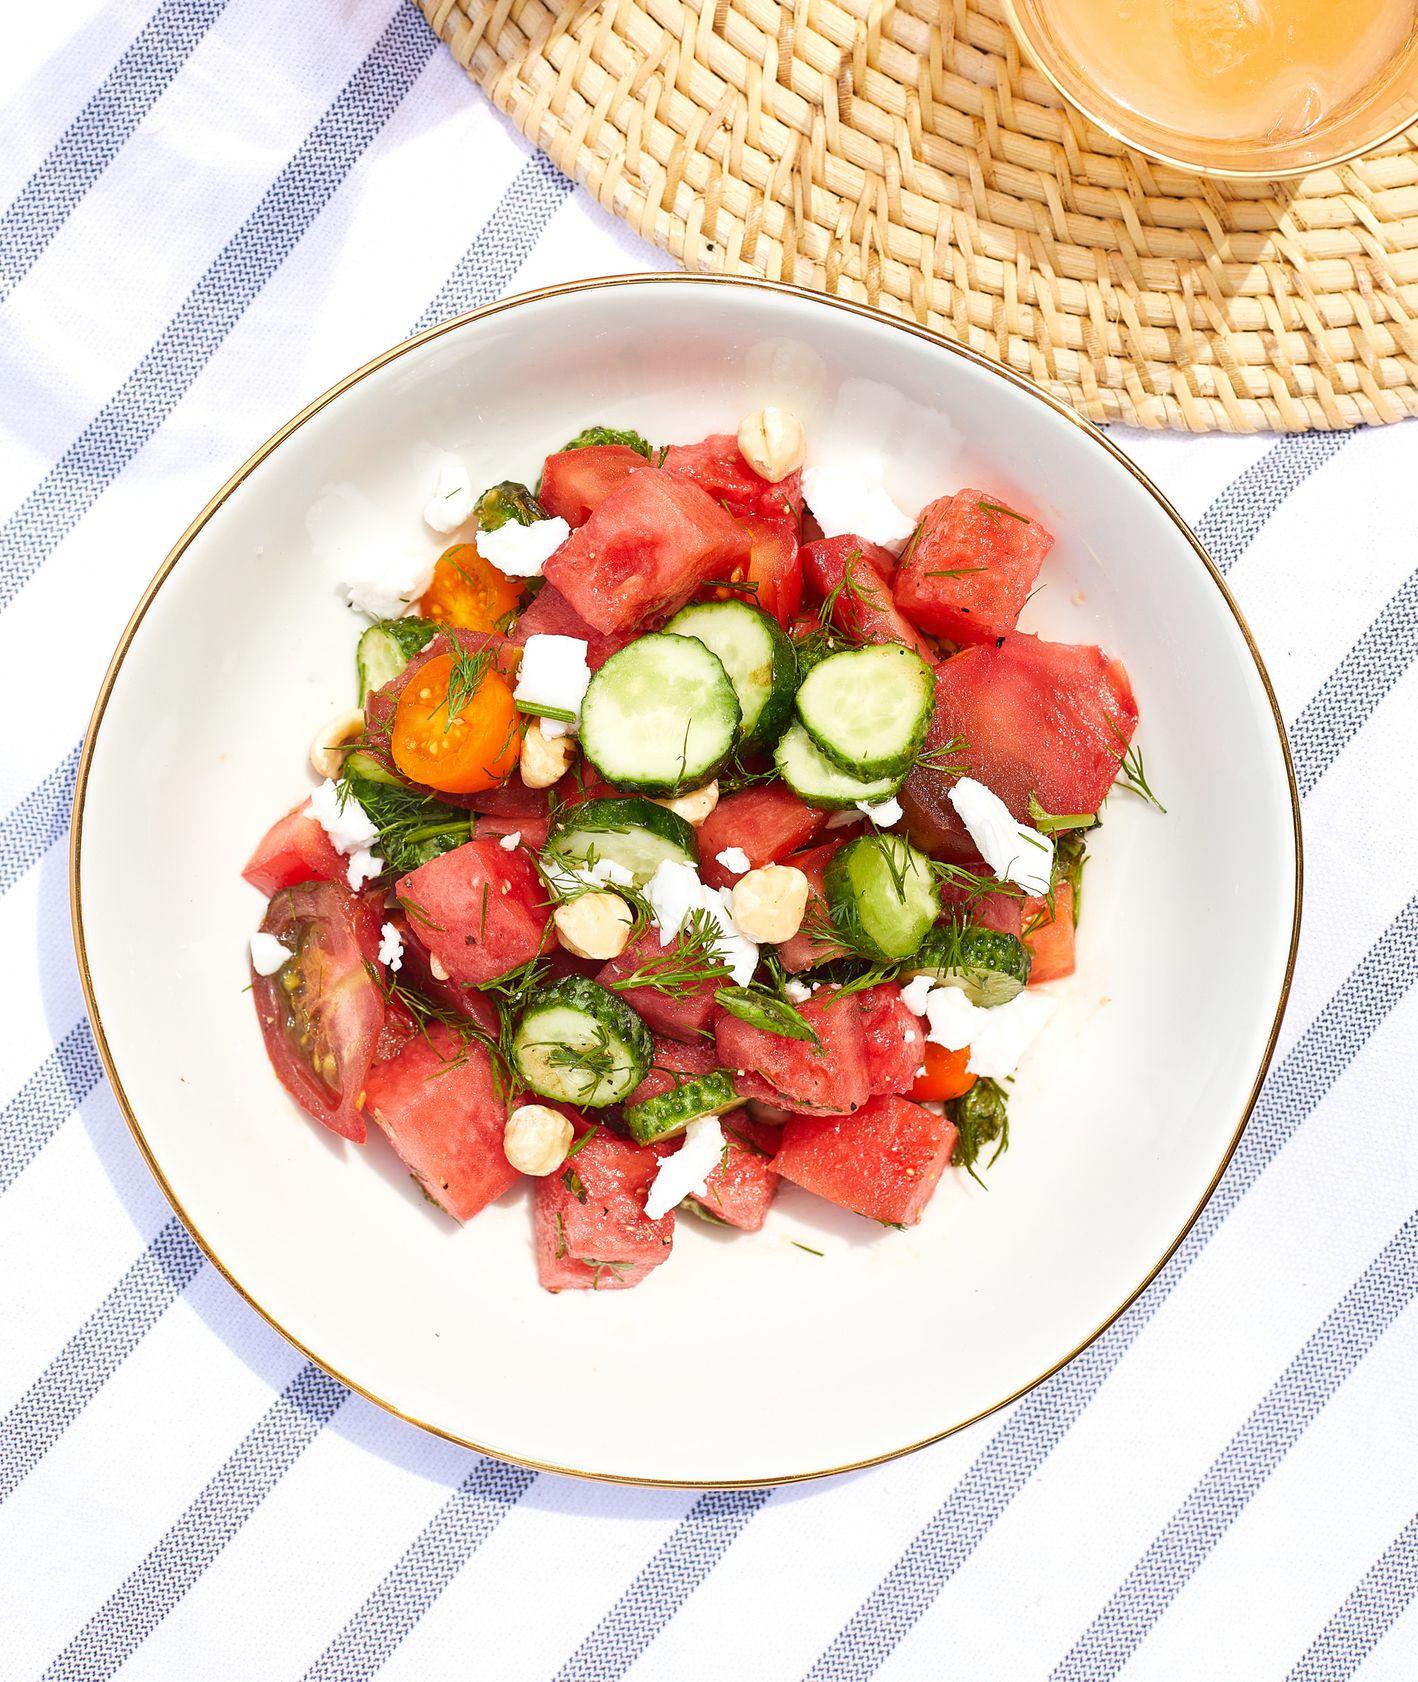 Przepis na letnią sałatkę warzywną z arbuzem – proste i szybkie w przygotowaniu danie, które sprawdzi się jako lekki obiad (fot. Maciej Niemojewski)